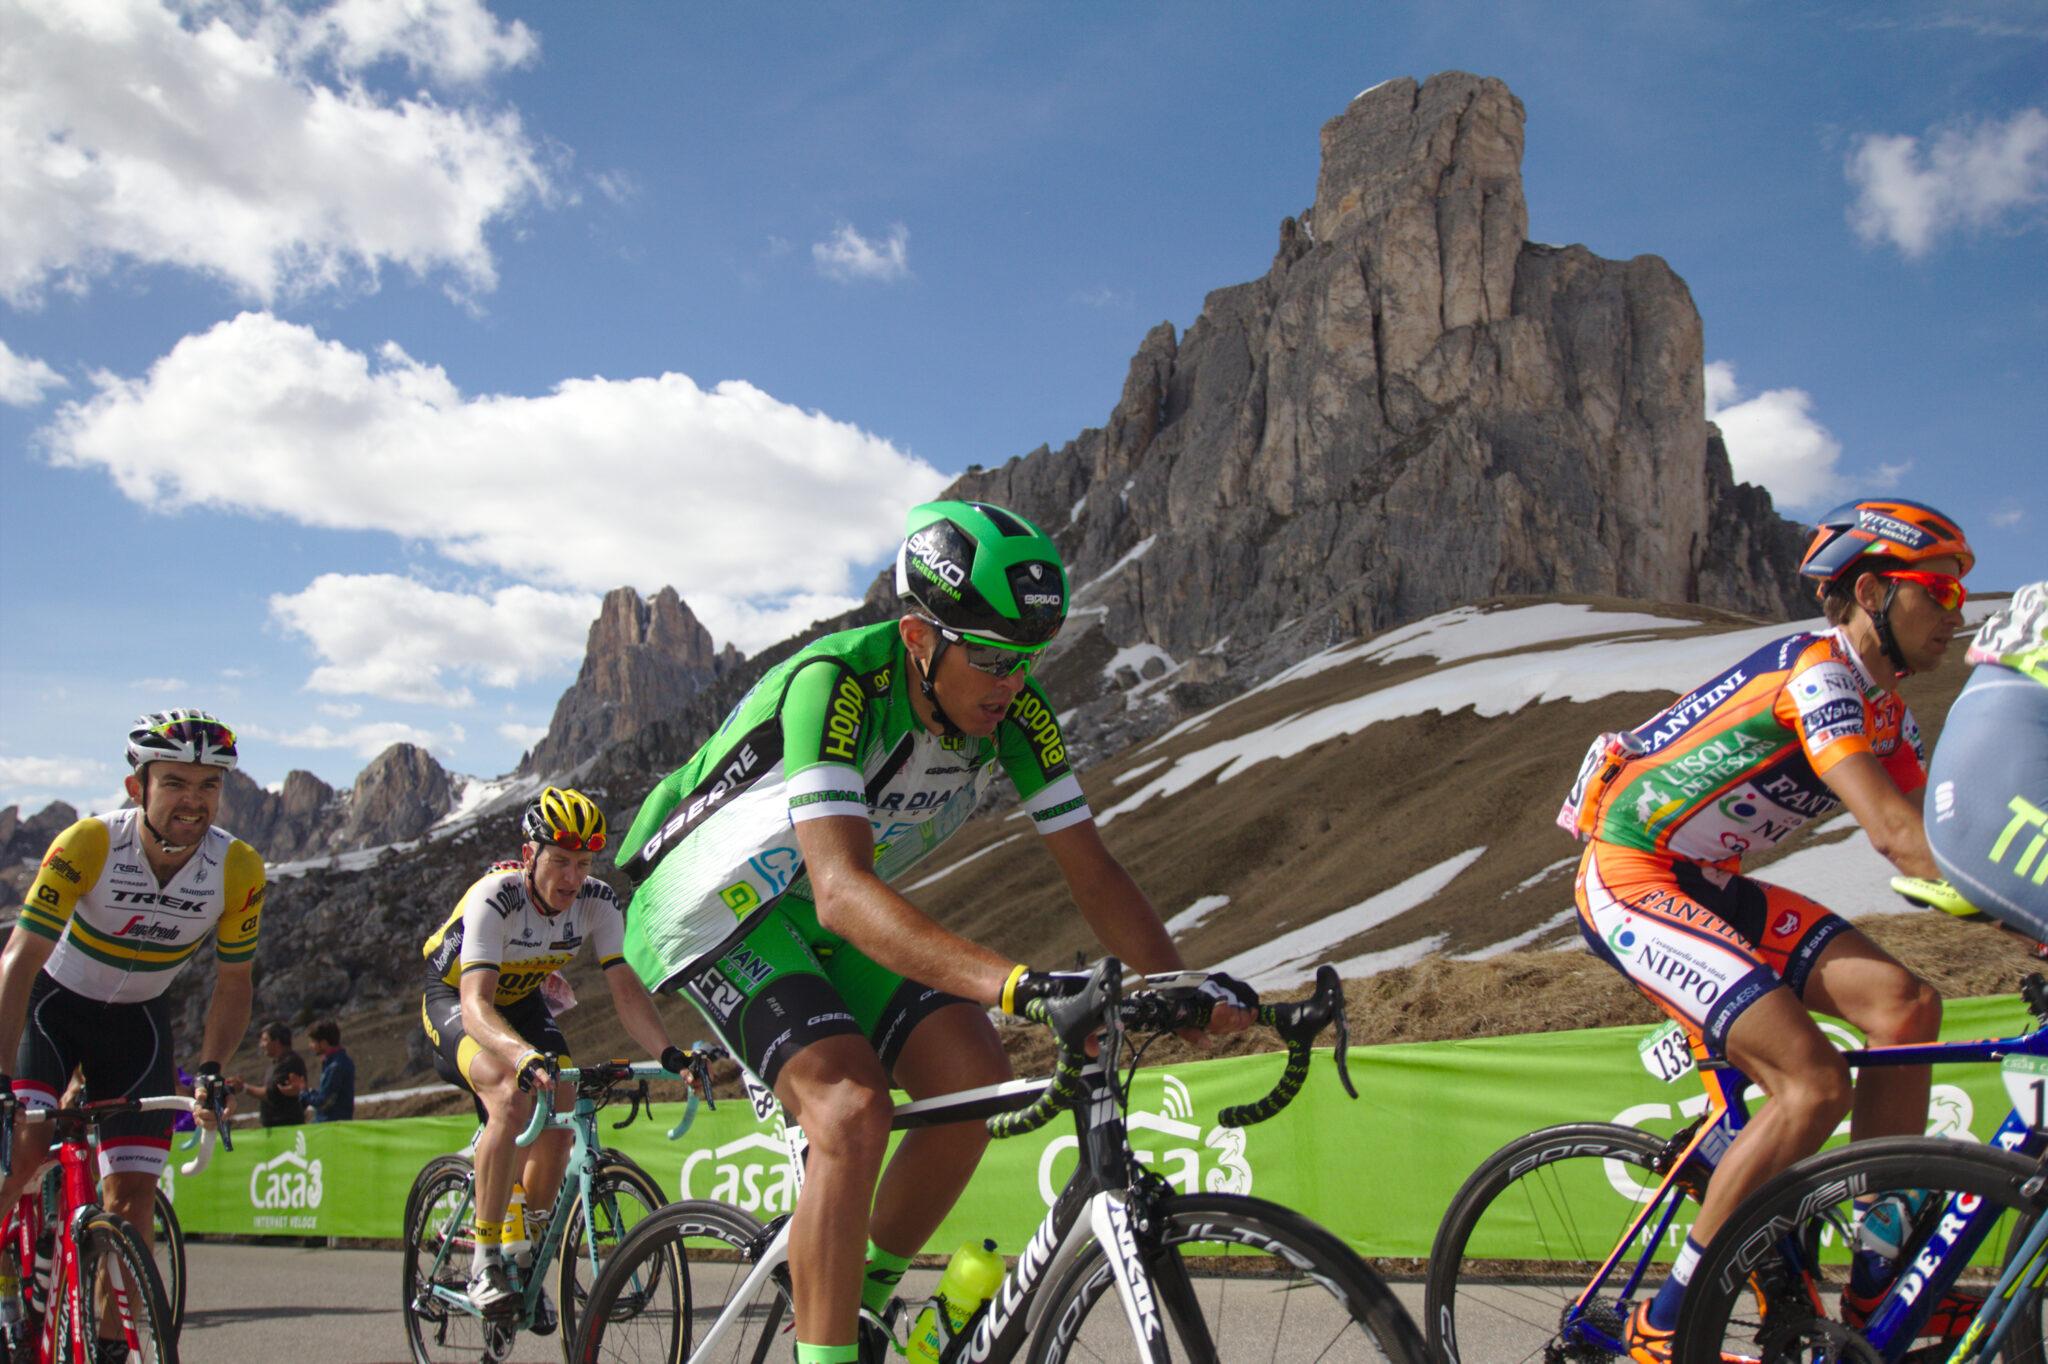 Giro d'Italia sul Passo Giau - foto Dolomiti Review